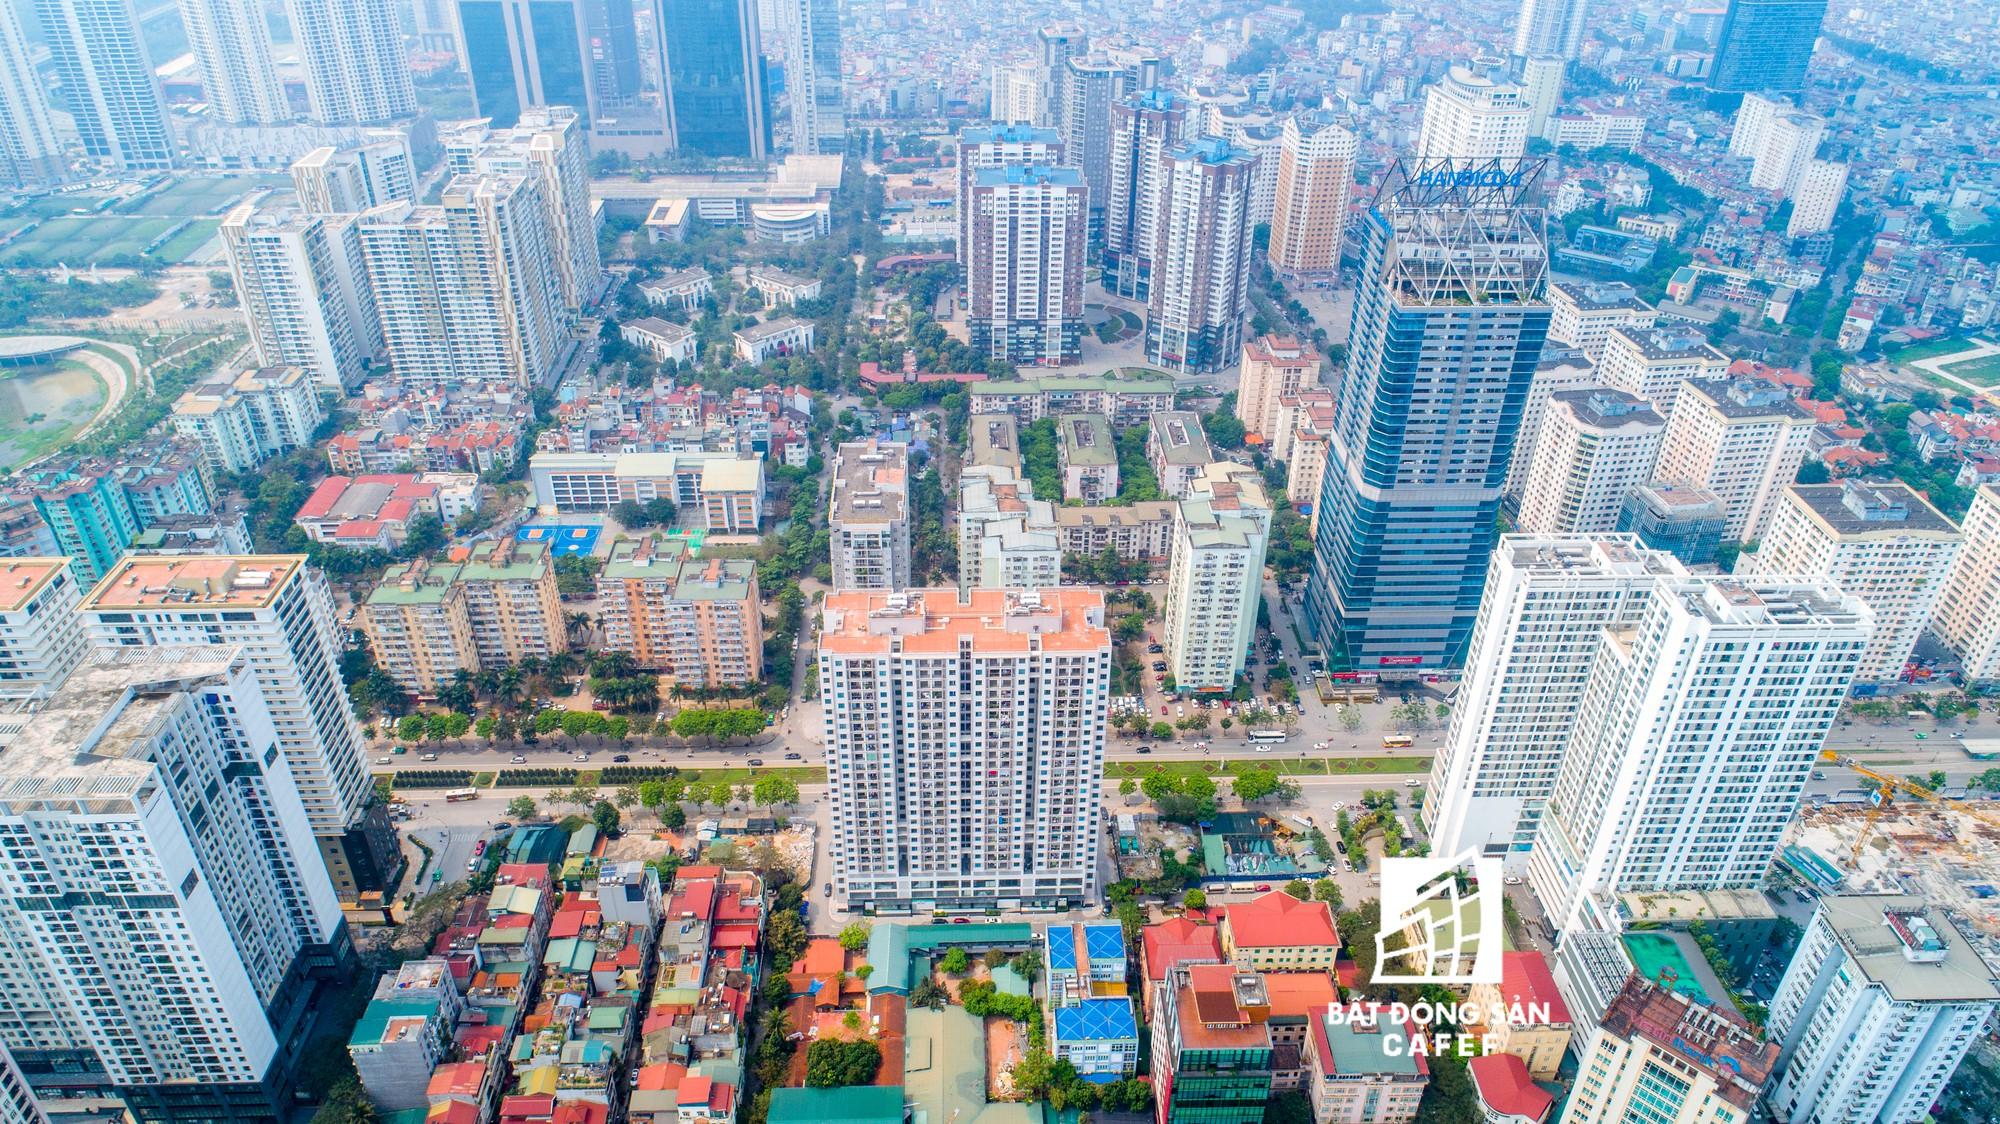 """Toàn cảnh """"rừng"""" cao ốc đang bóp nghẹt khu đô thị kiểu mẫu bậc nhất Hà Nội - Ảnh 5."""